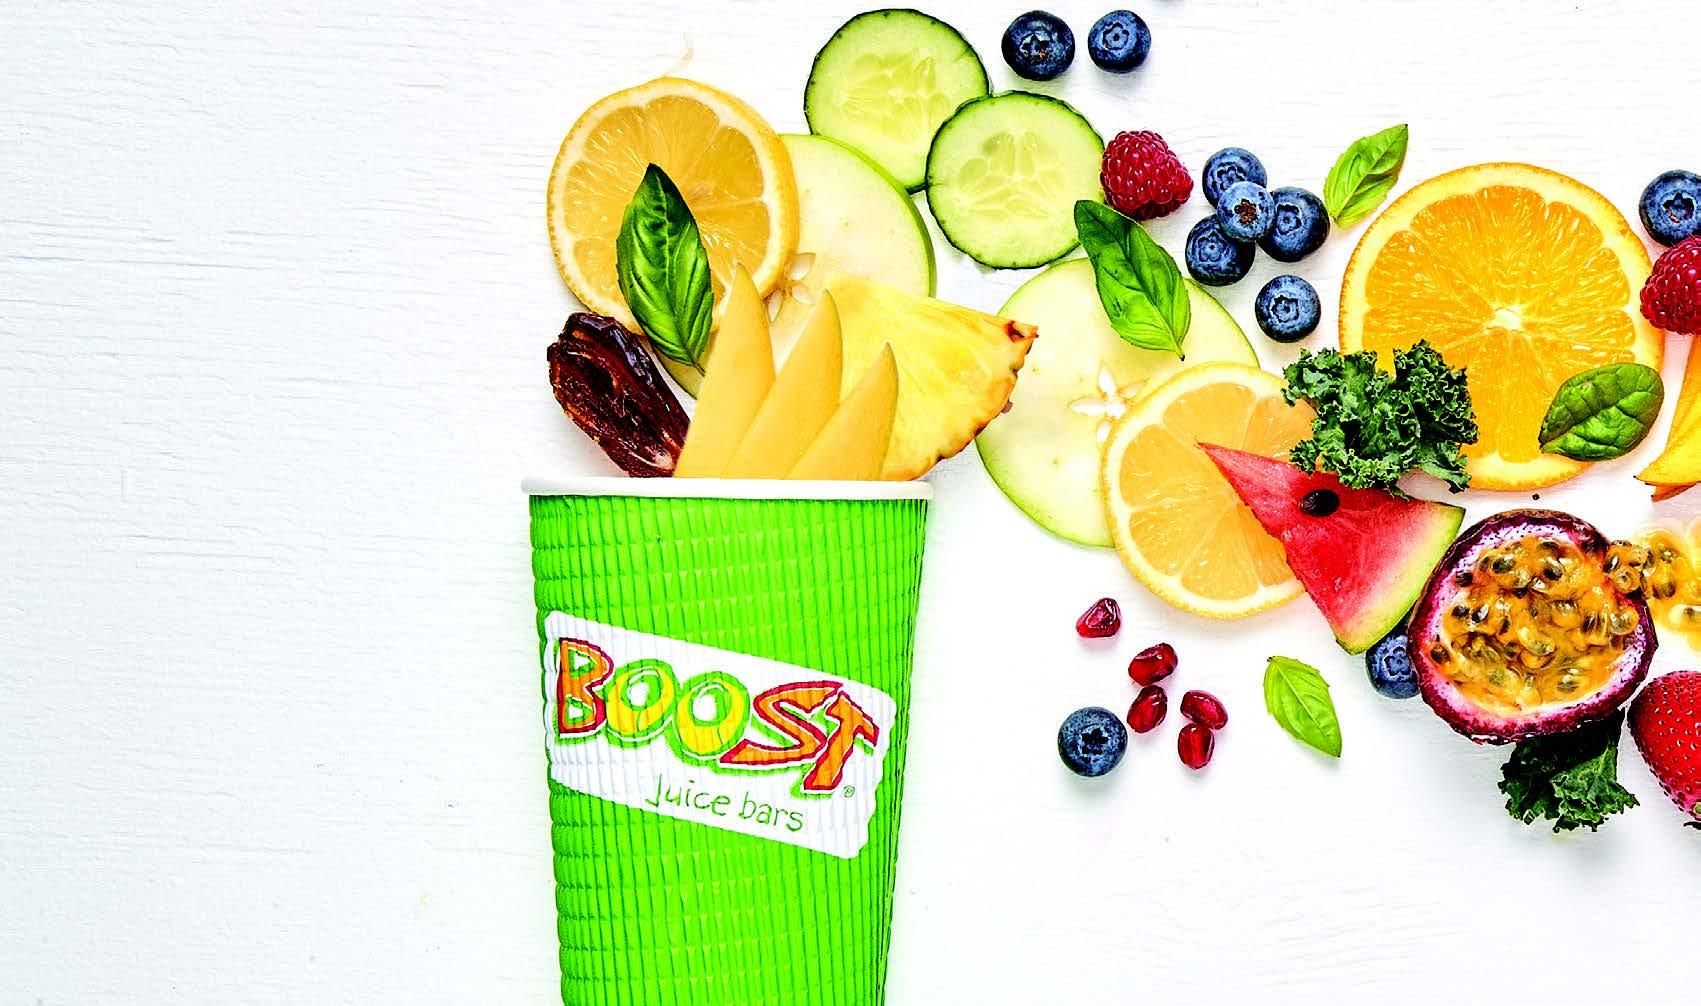 Smoothies, nước ép trái cây lạ vị, ngon miệng từ Úc được giới trẻ 15 quốc gia yêu thích sắp có mặt tại Việt Nam - Ảnh 3.